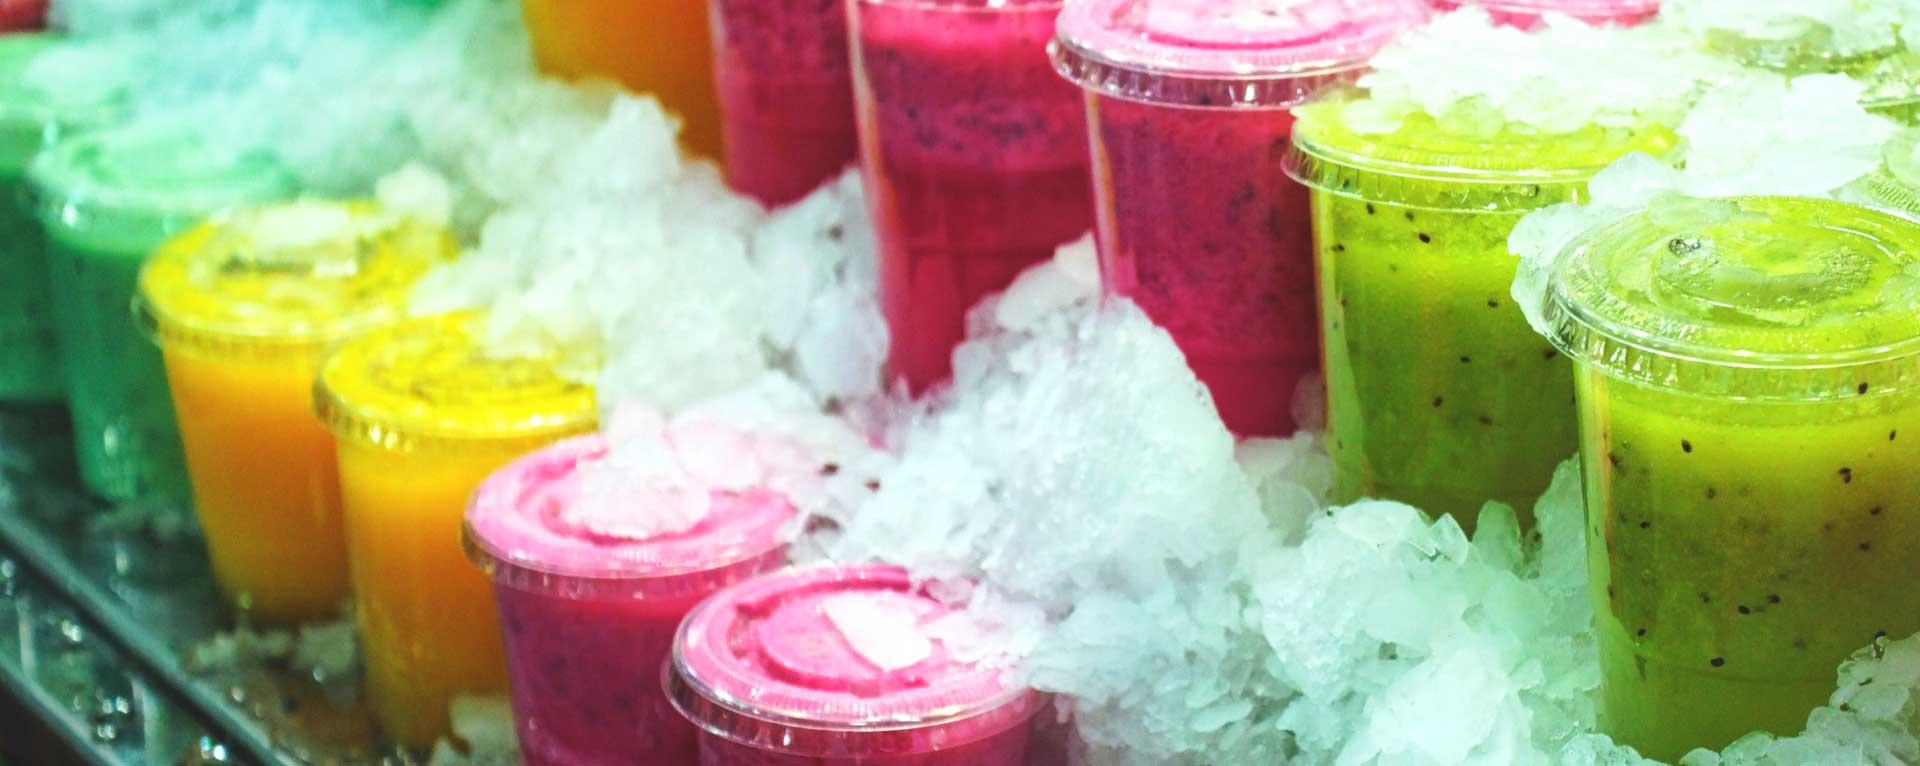 5 tendencias en bebida a base de frutas